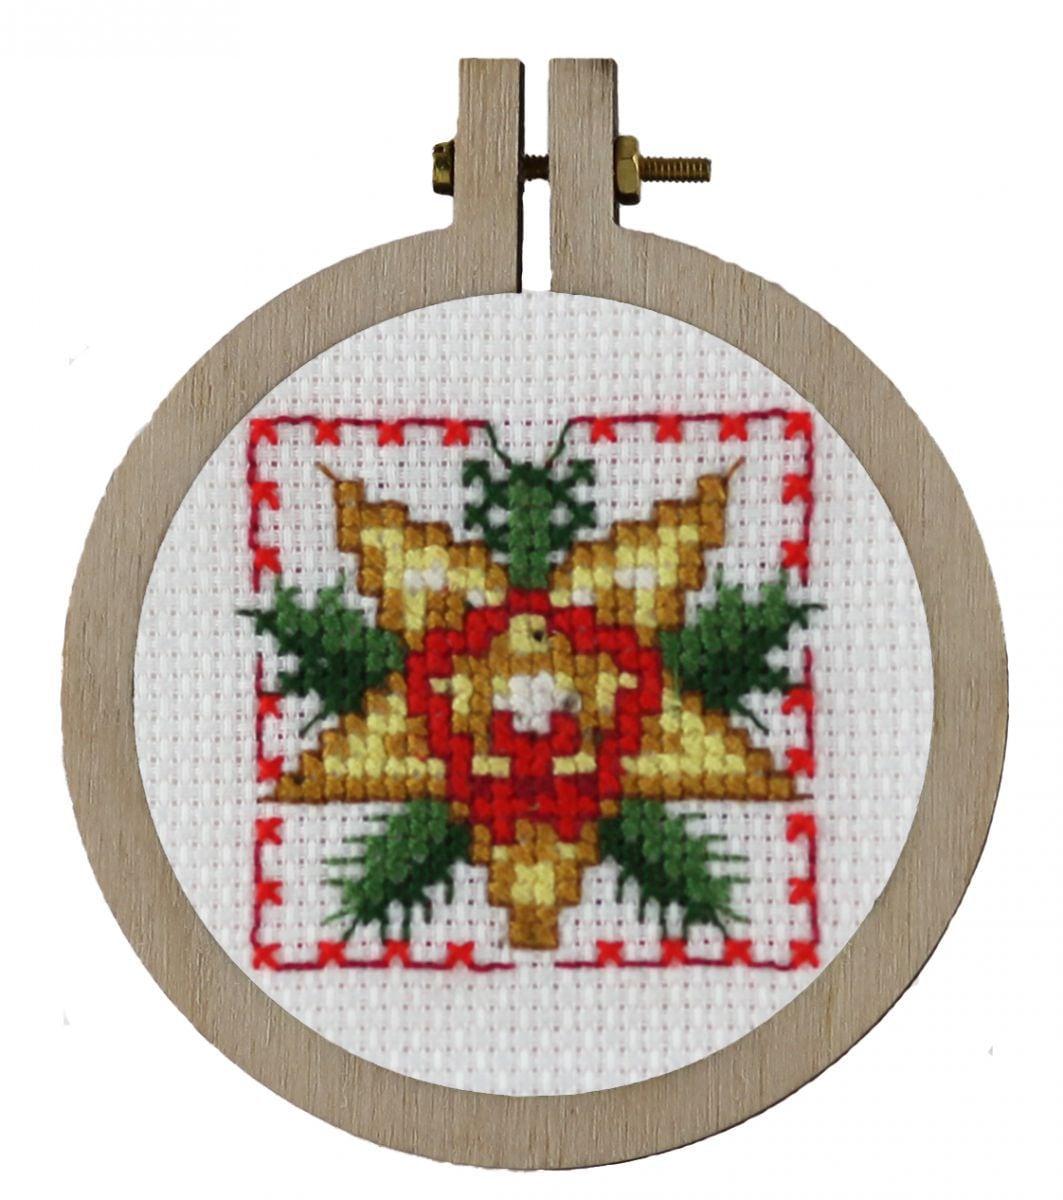 embroidery kit christmas ornament nice for the christmas tree